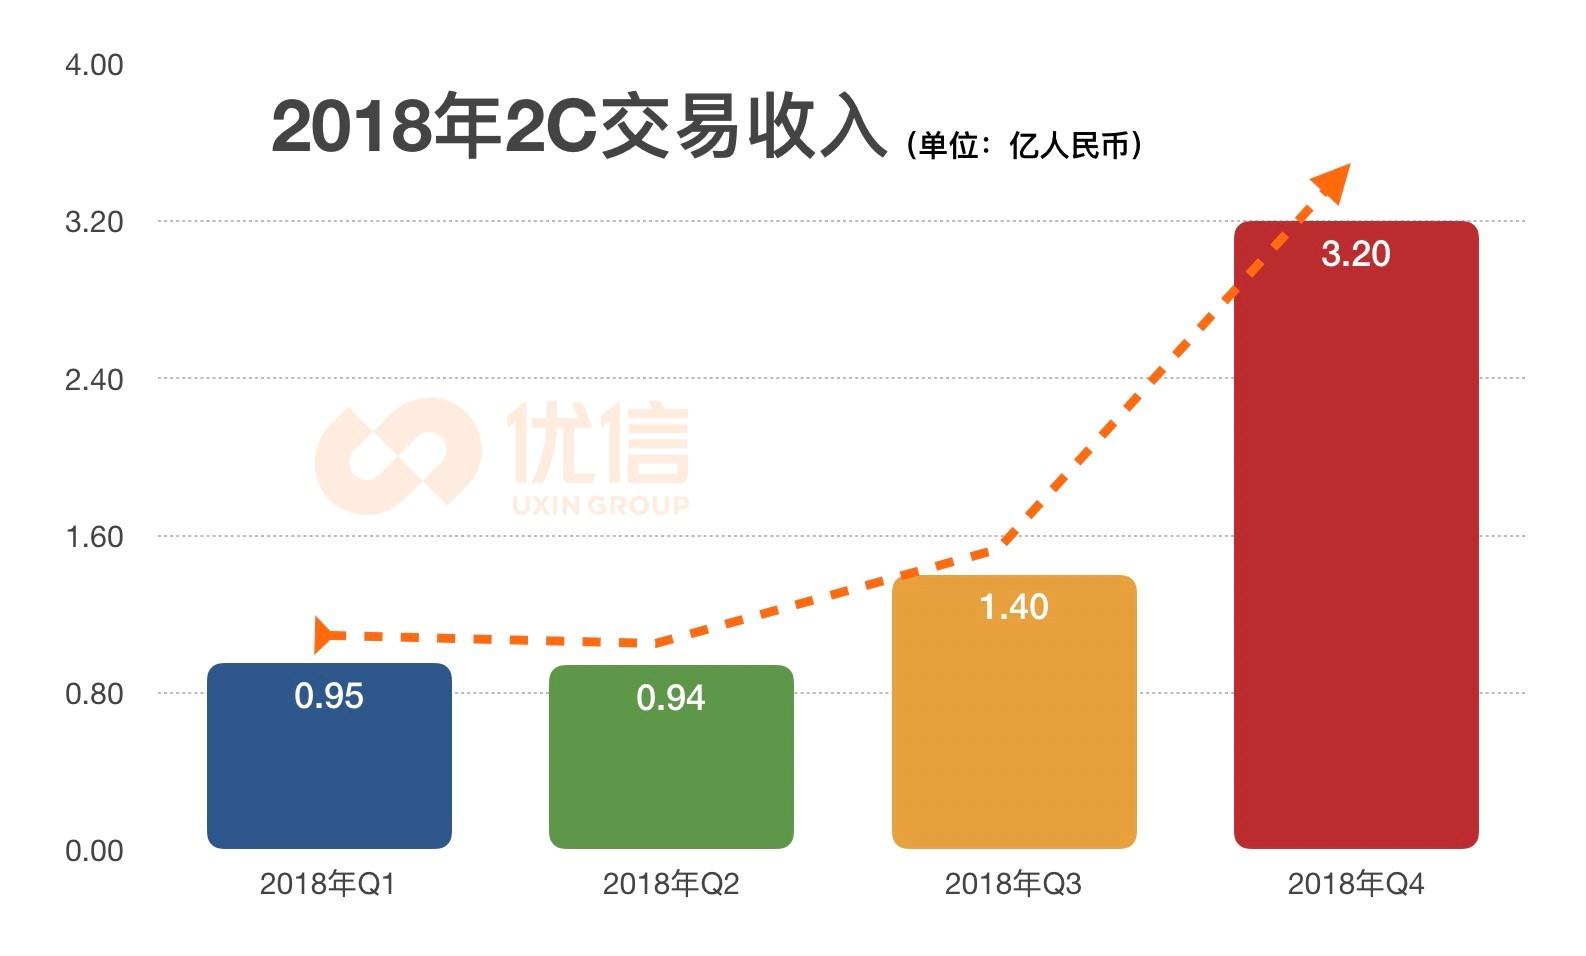 优信发布2018Q4及全年财报:2C交易服务收入劲增263.2%